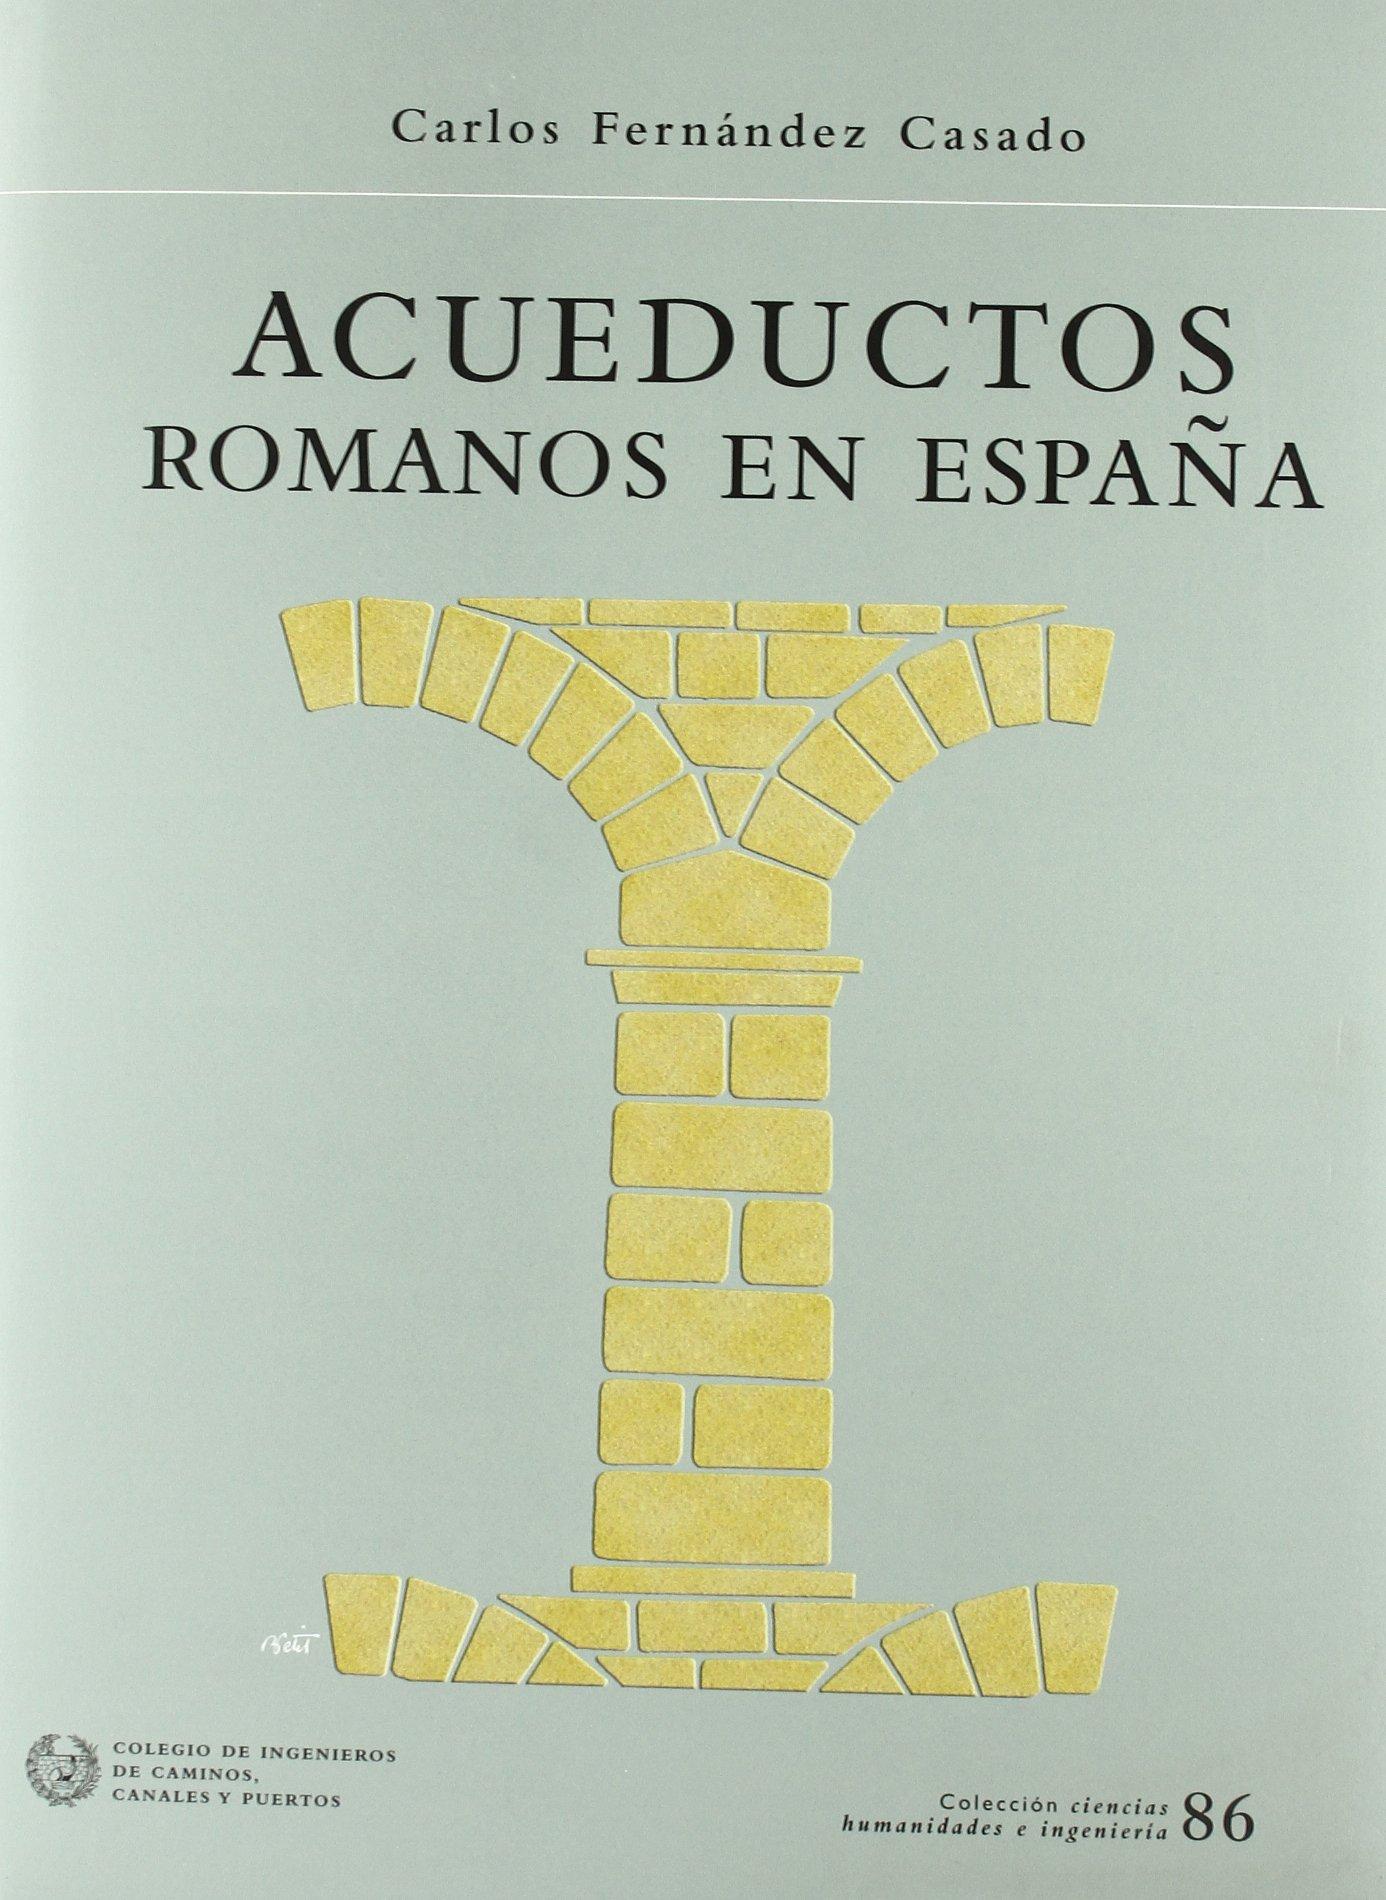 Acueductos romanos en España Ciencias Humanidades Ingen: Amazon.es: Fernandez Casado, Carlos: Libros